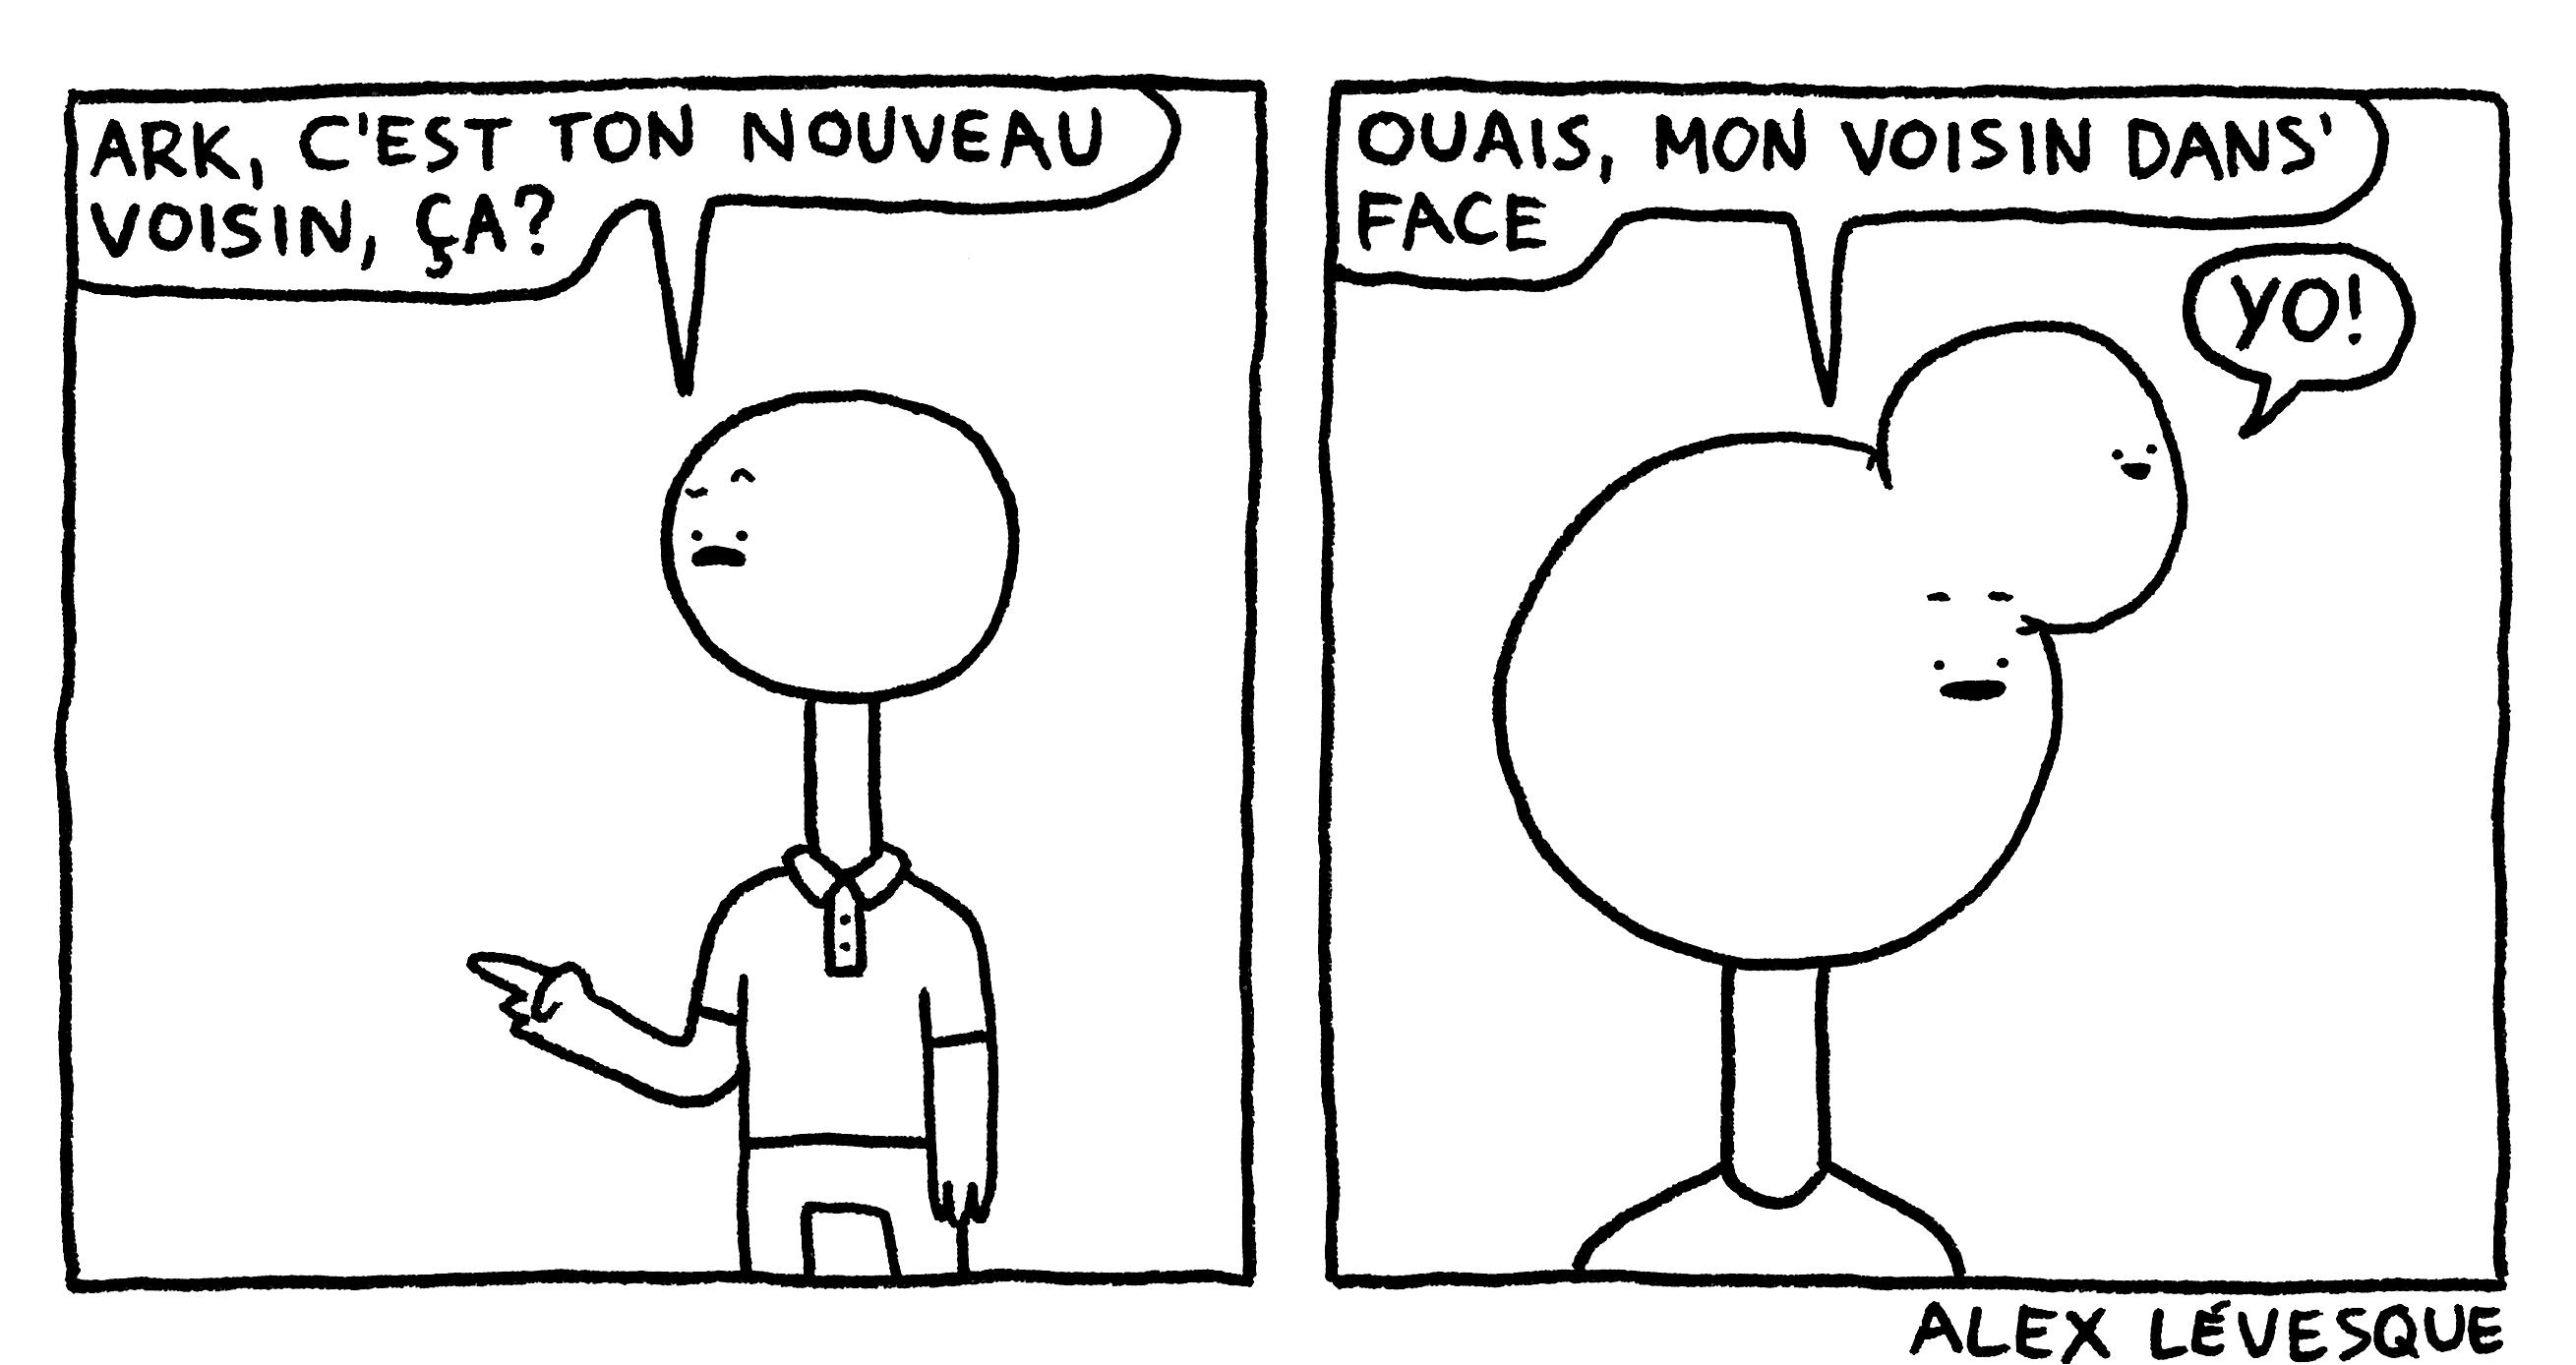 Voisin